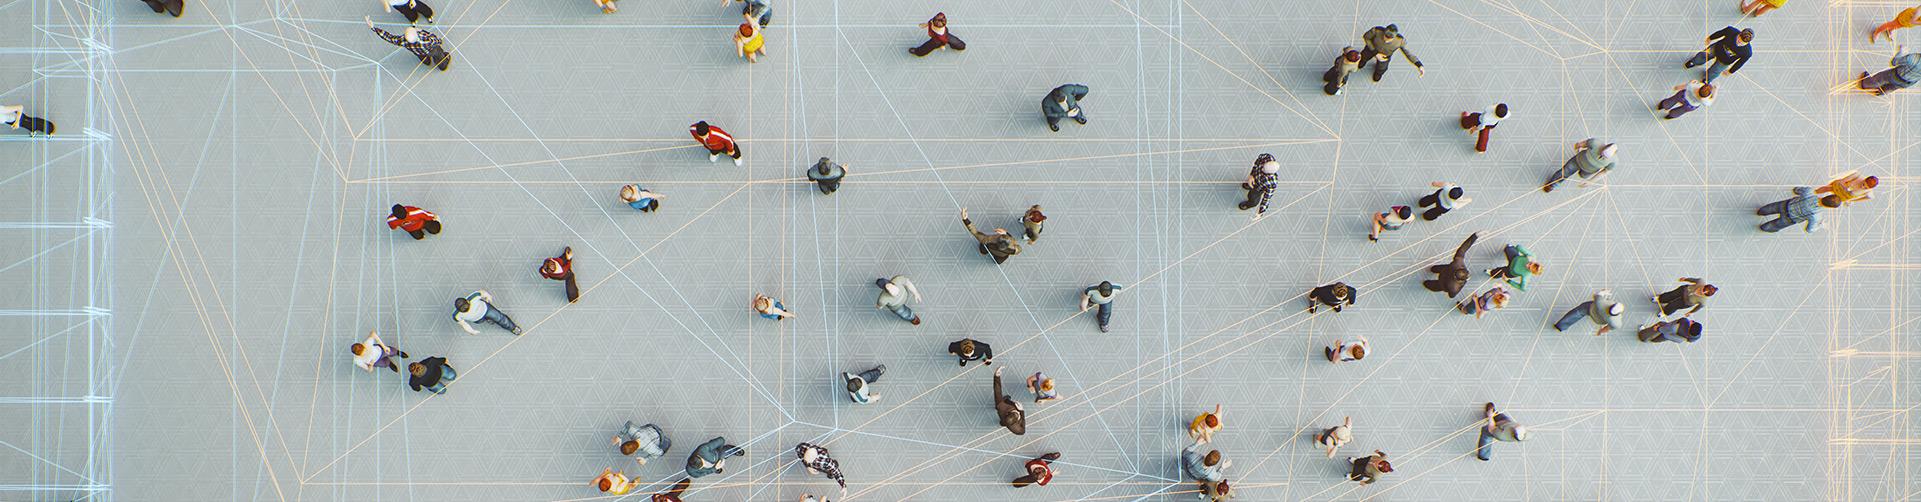 People walking across a large open space